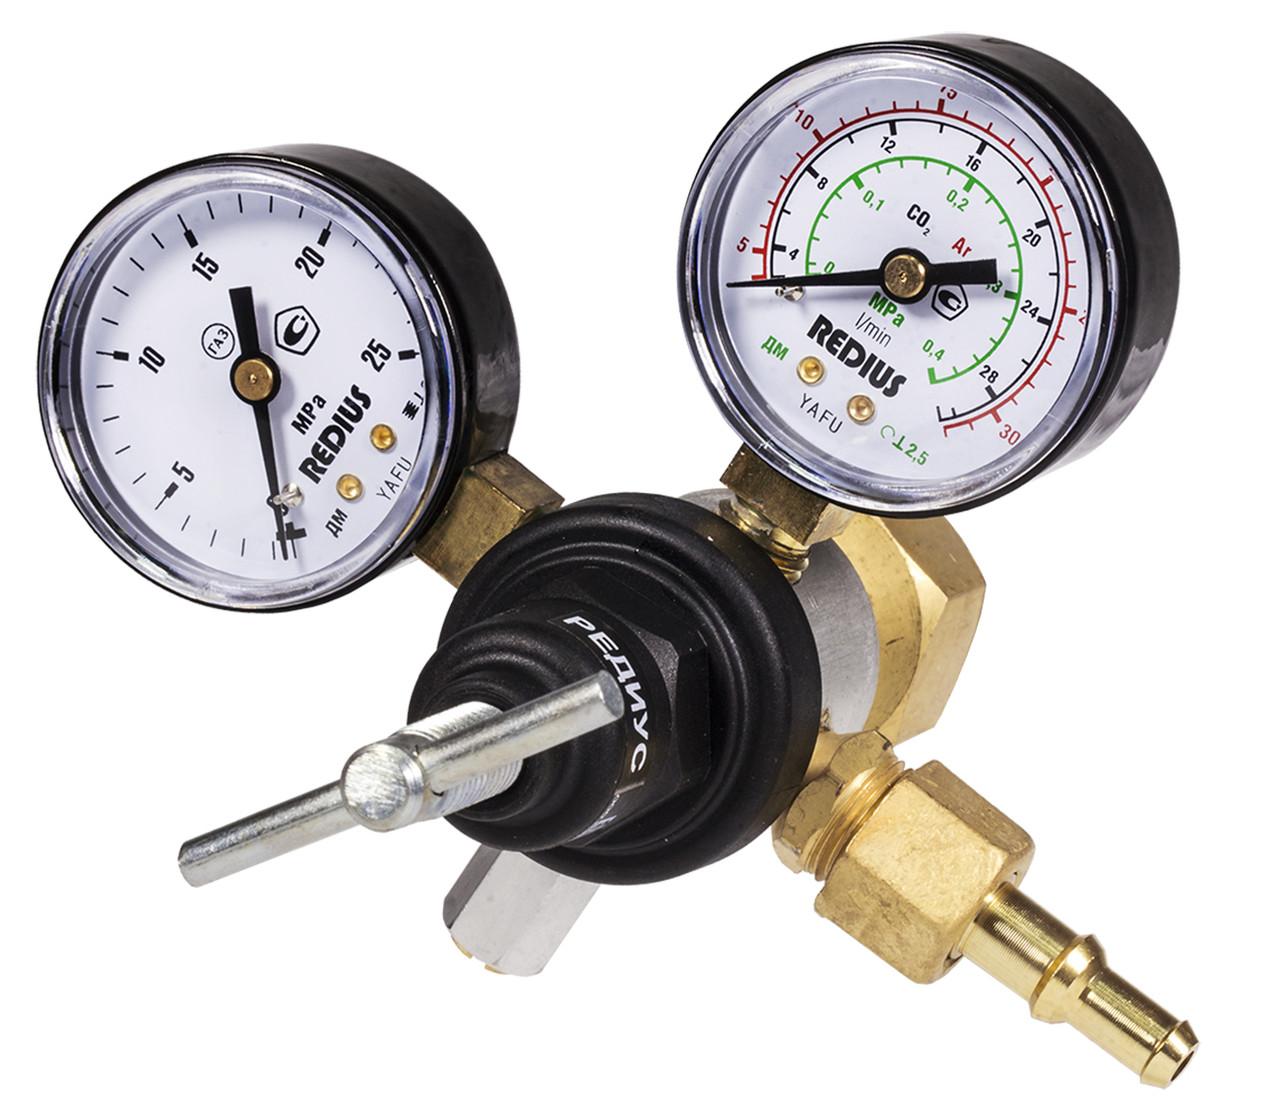 Регулятор расхода газа малогабаритный комбинированный (углекислотный/аргоновый) У-30/АР-40-КР1-м (Латвия)